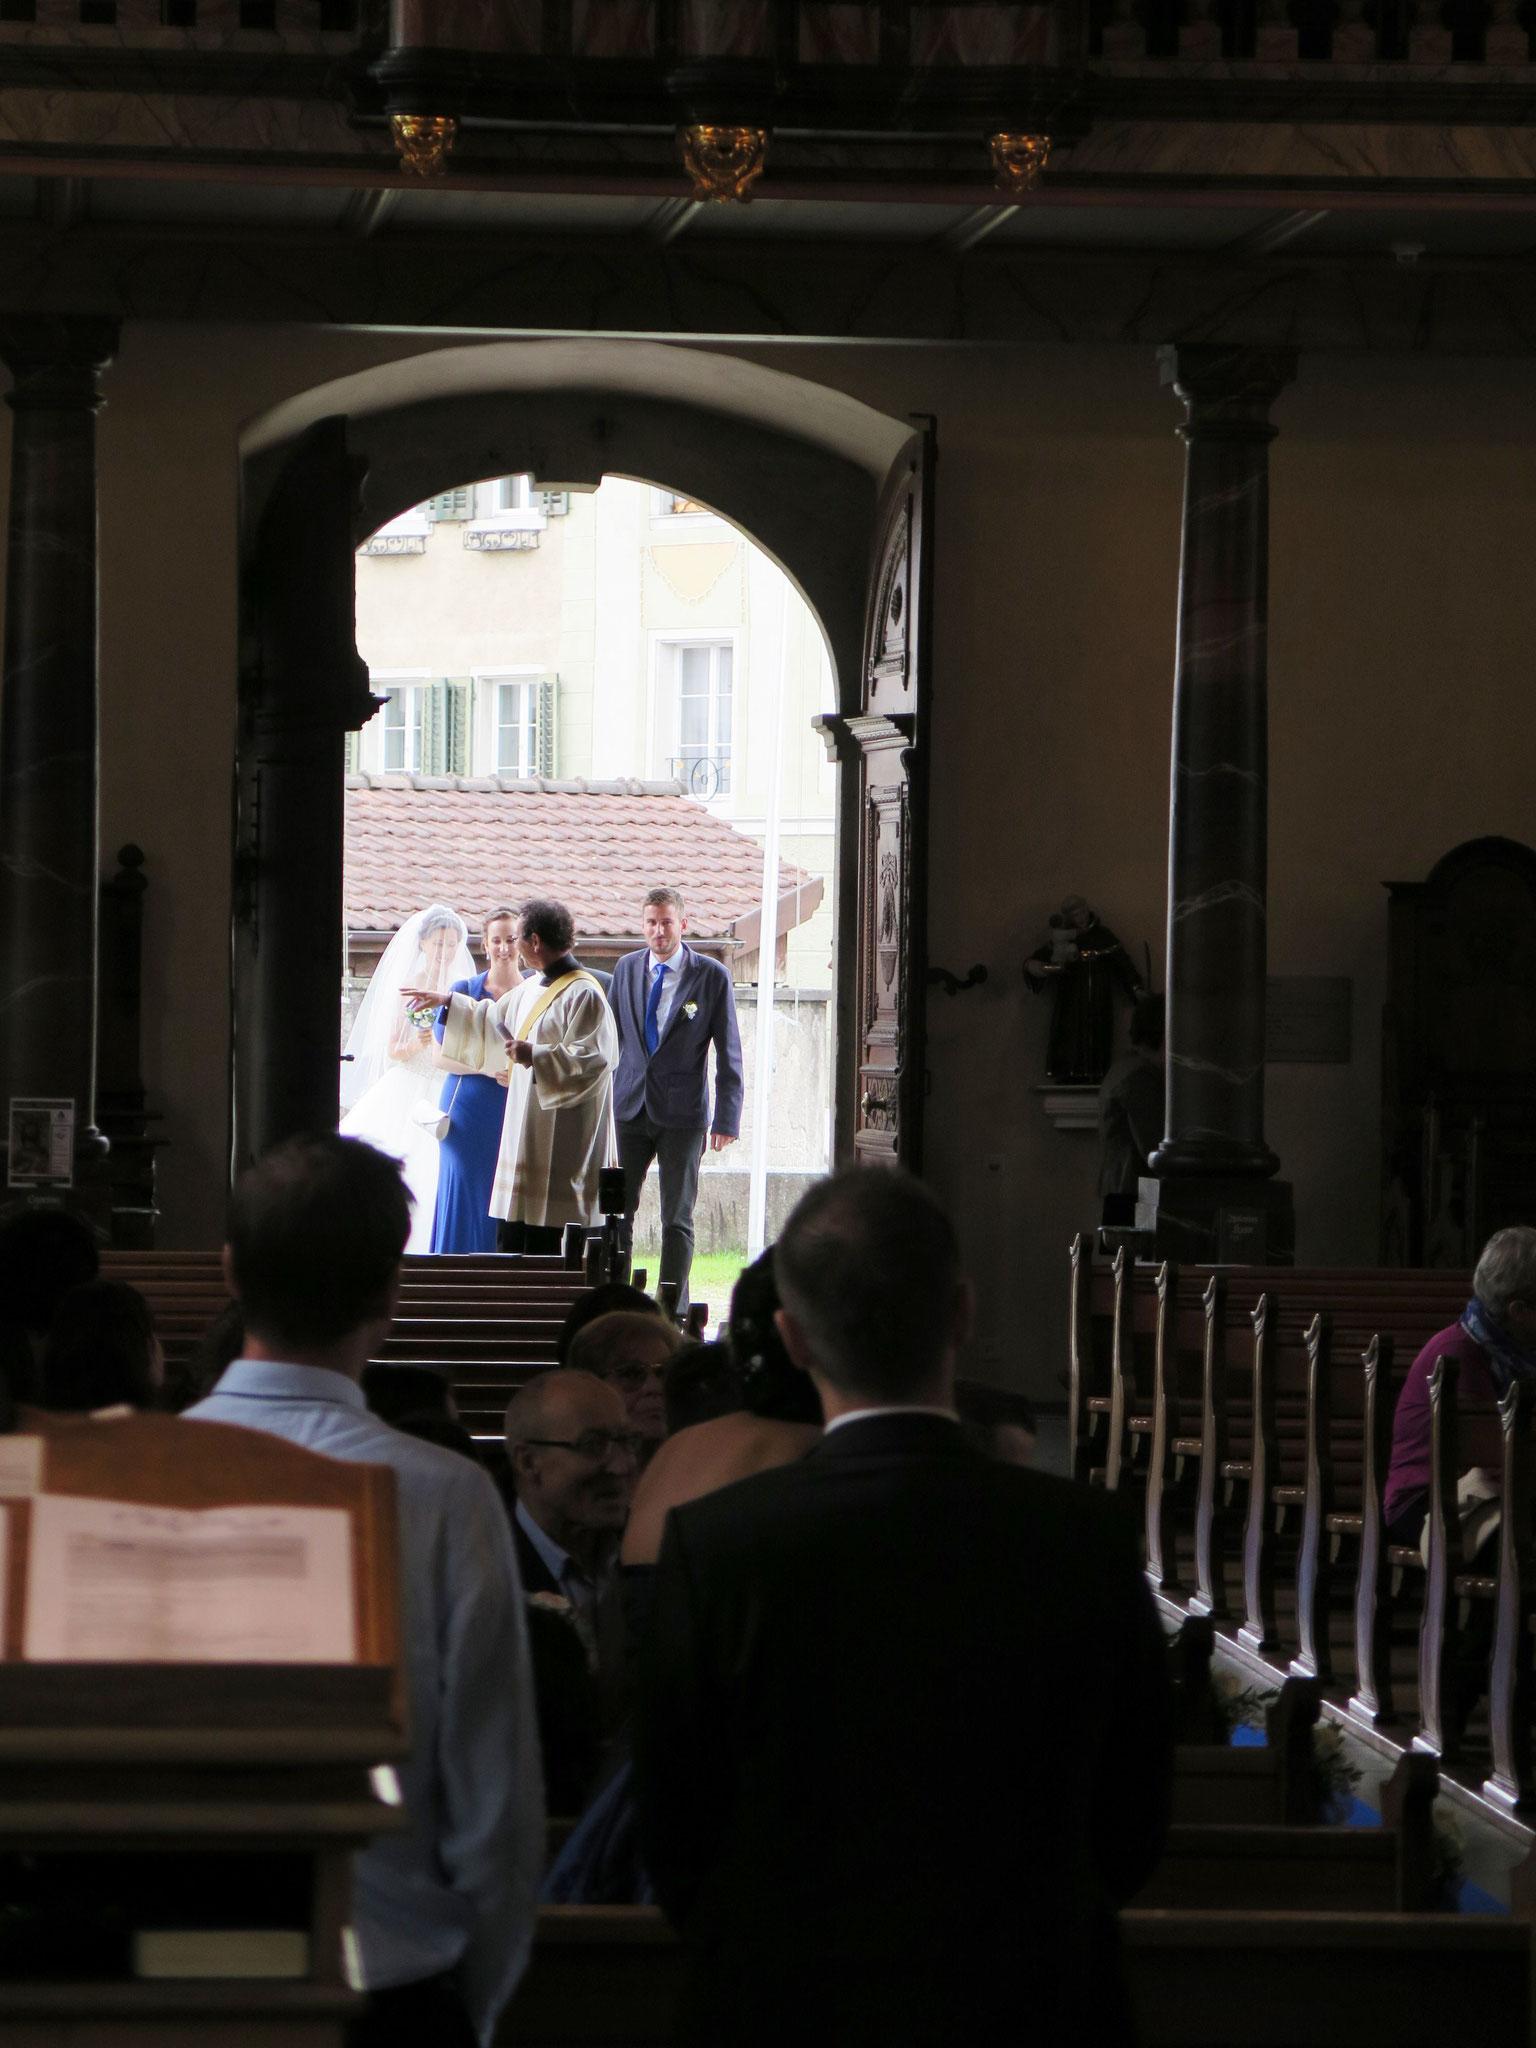 Die Braut tritt ein, die Spannung steigt.